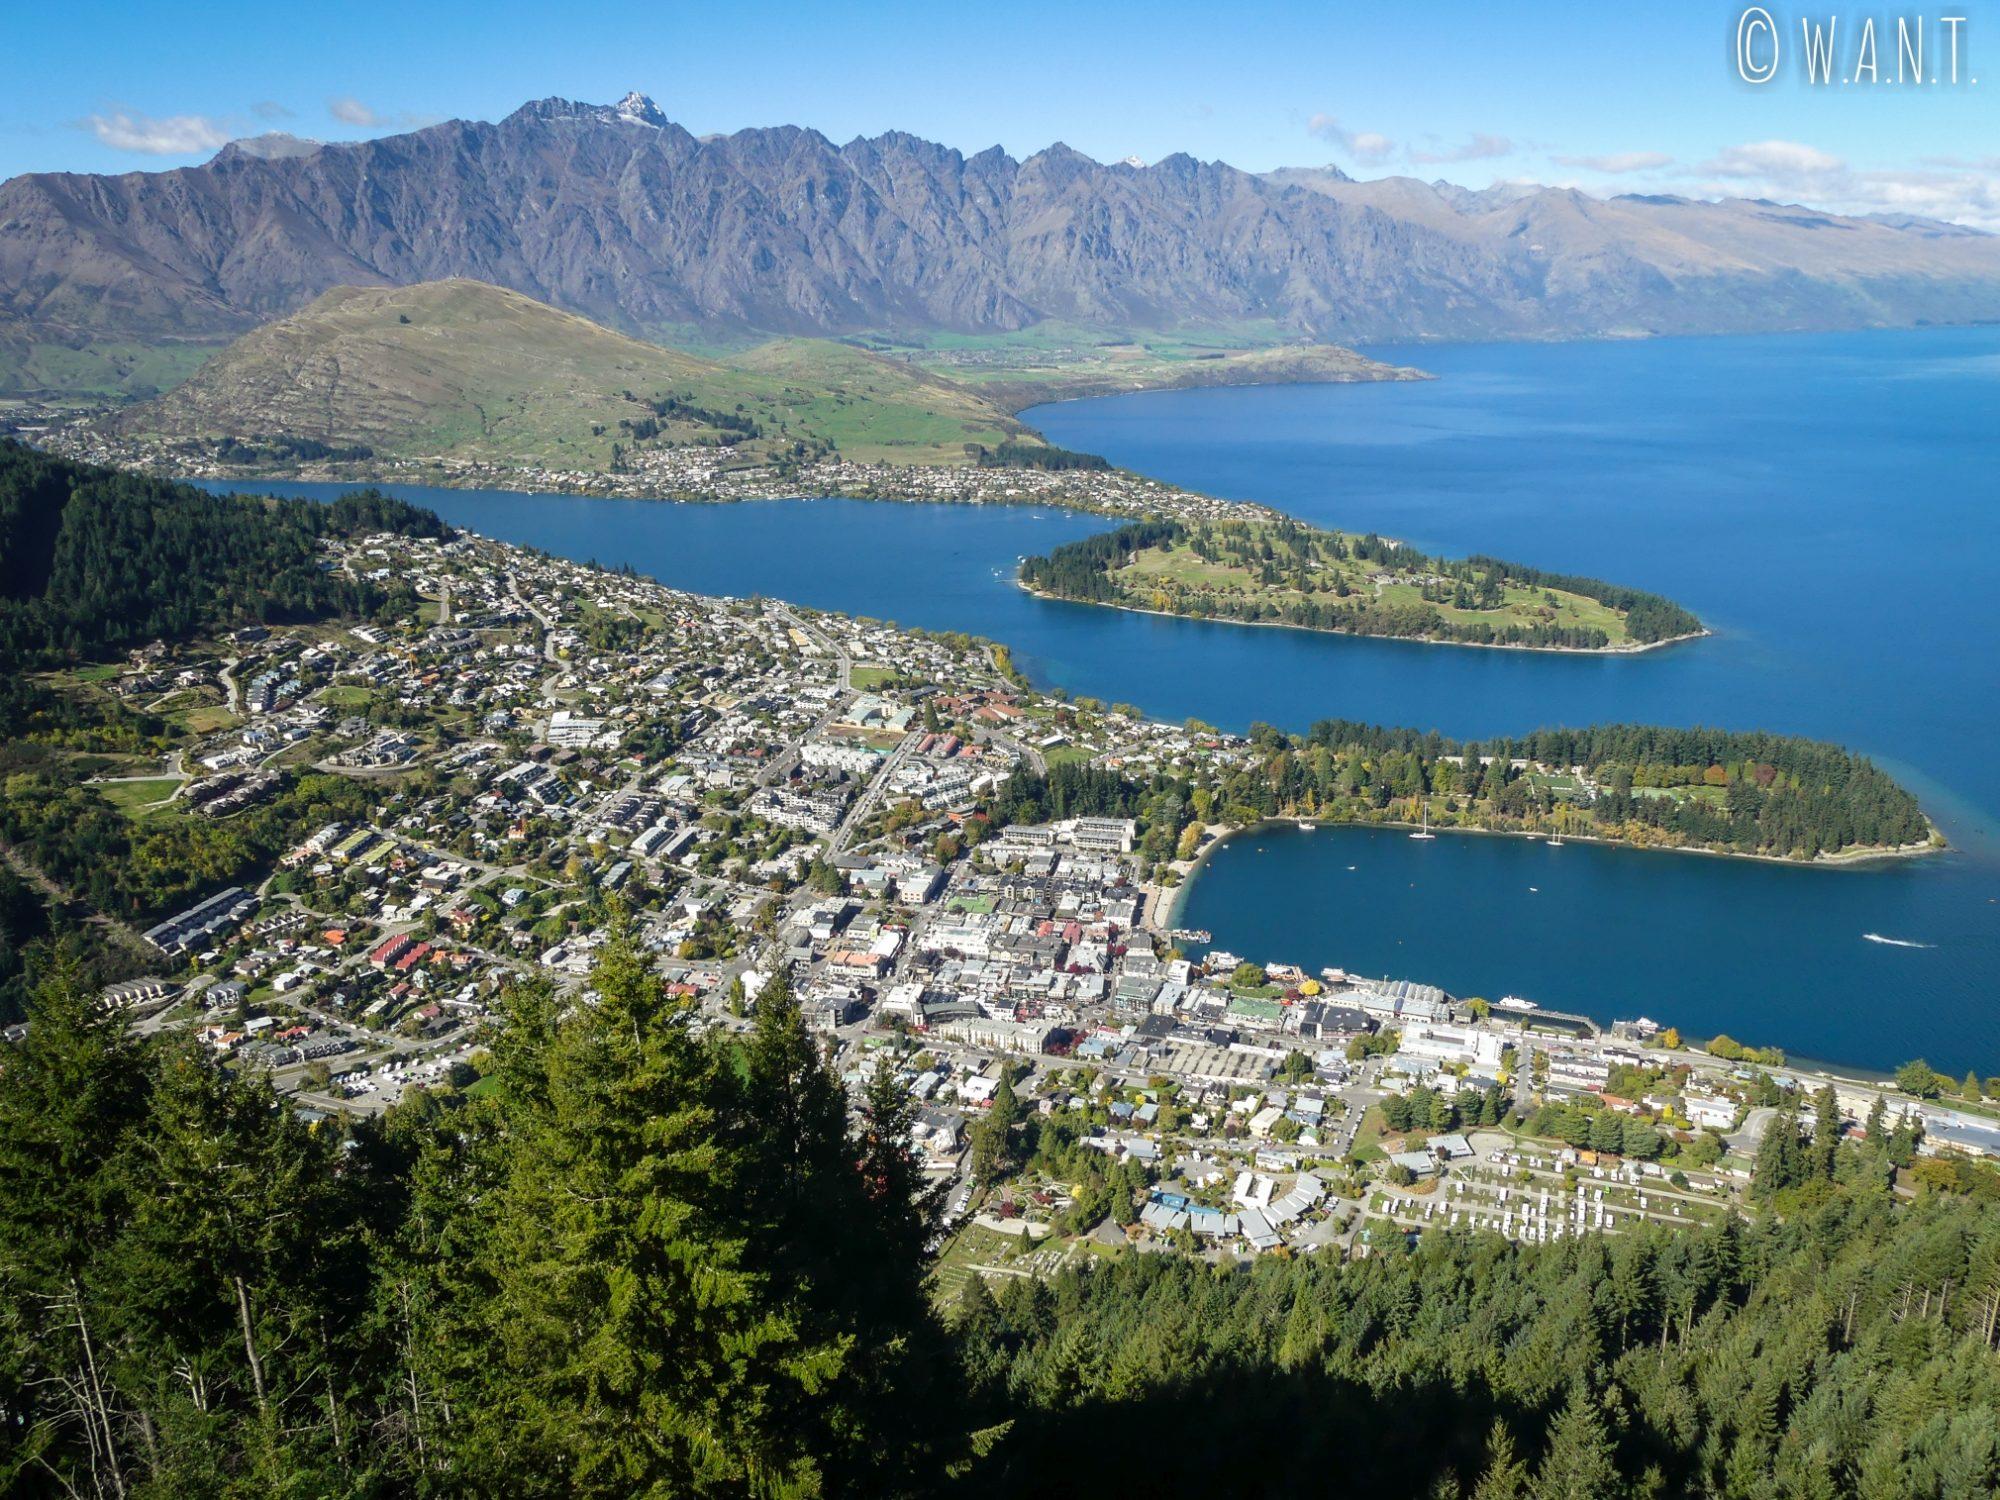 Vue sur Queenstown et la chaîne des Remarkables en Nouvelle-Zélande